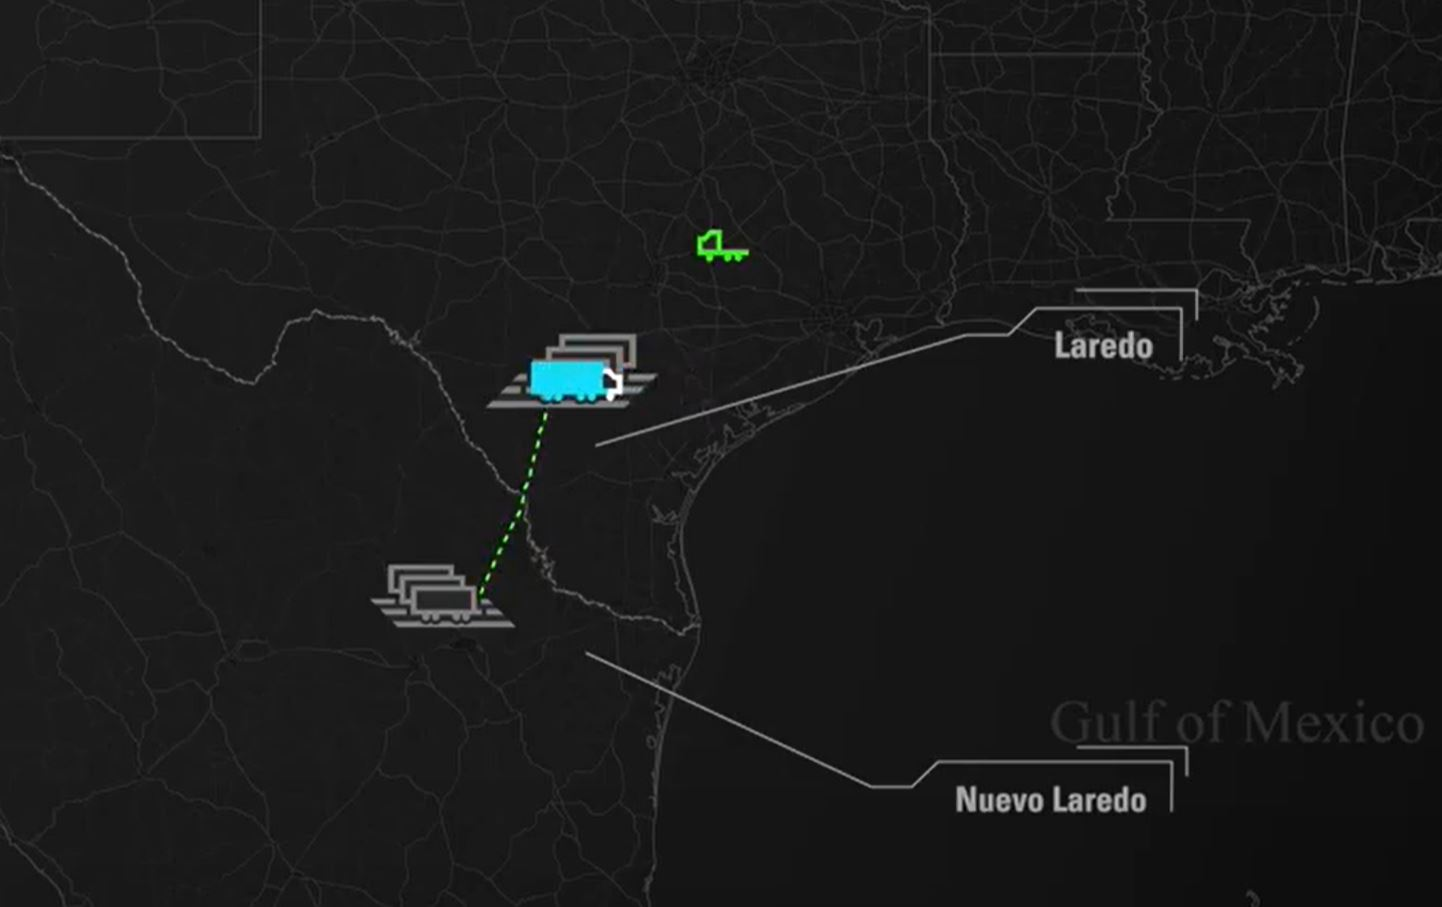 Through-trailer cross-border Mexico shipping